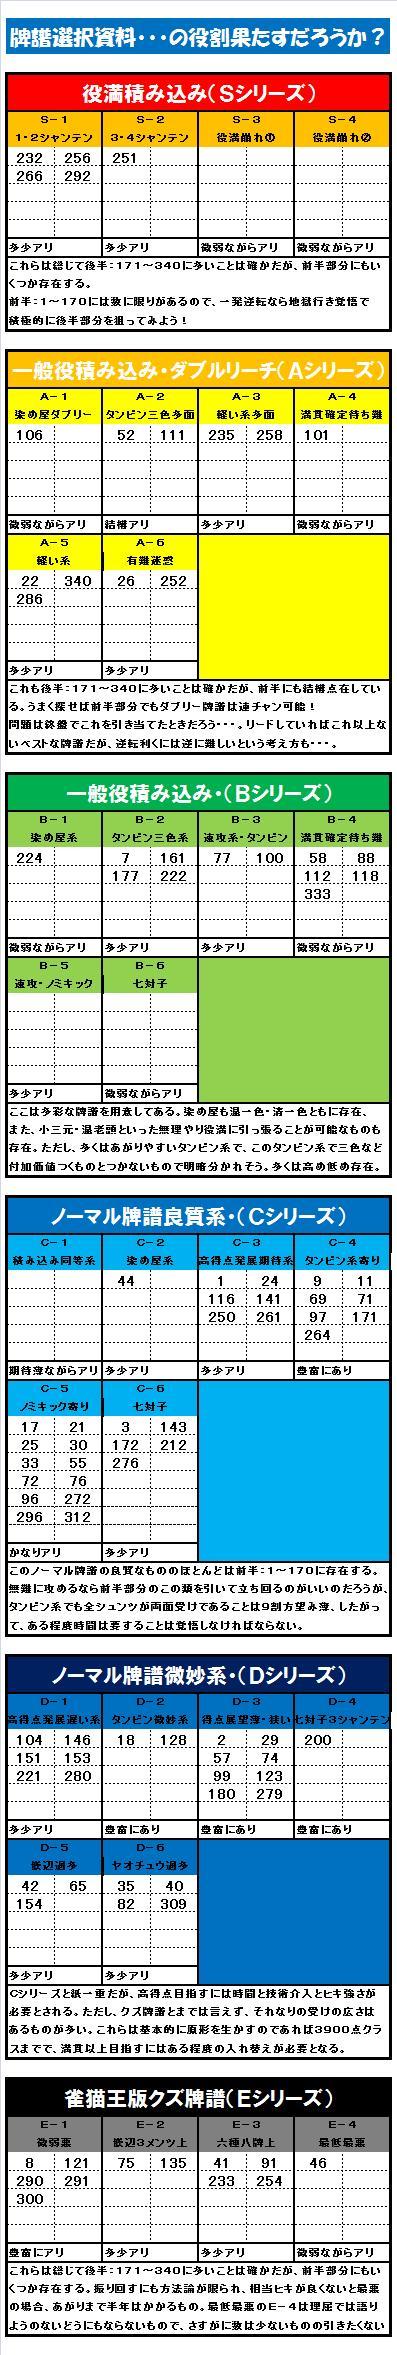 20140812・雀猫王牌譜選択資料.jpg